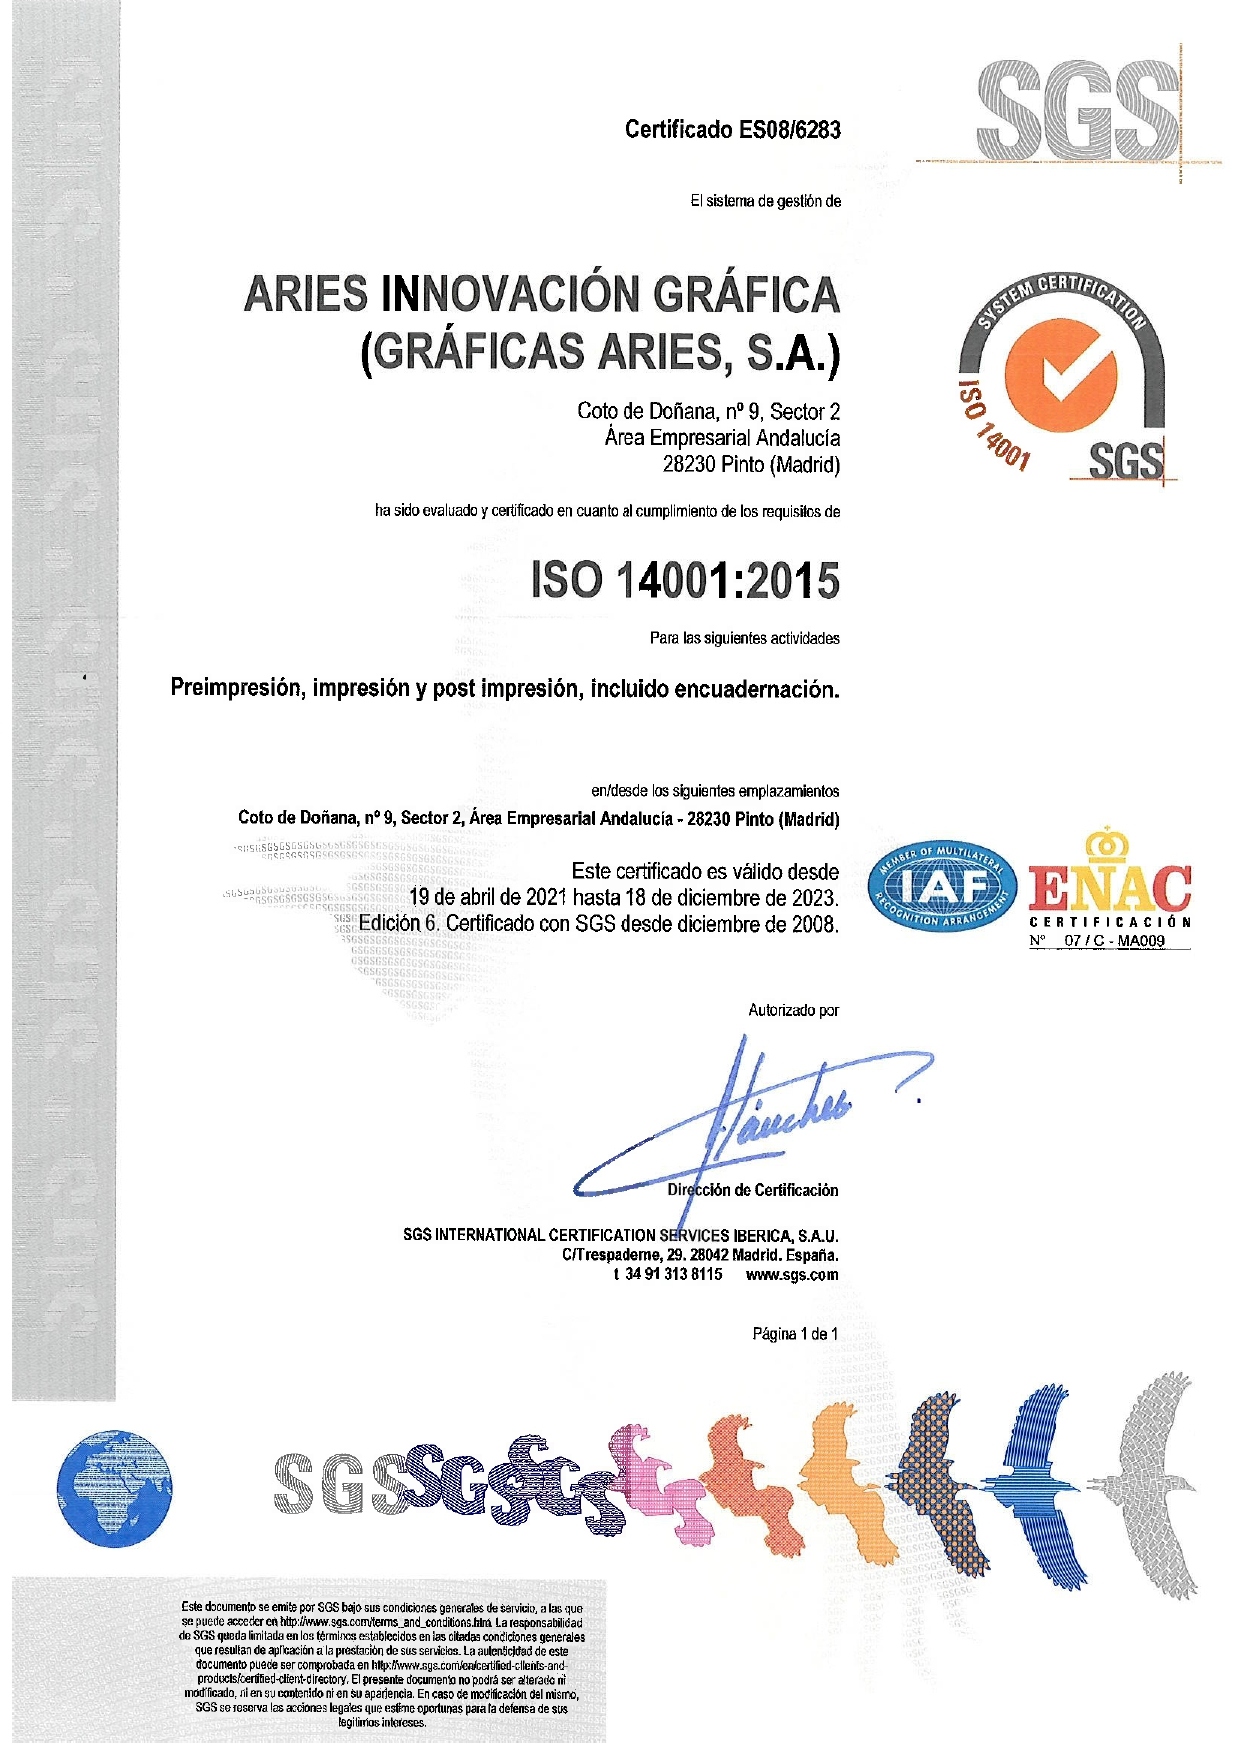 ARIES Certificado ISO 14001 validez hasta diciembre 2023